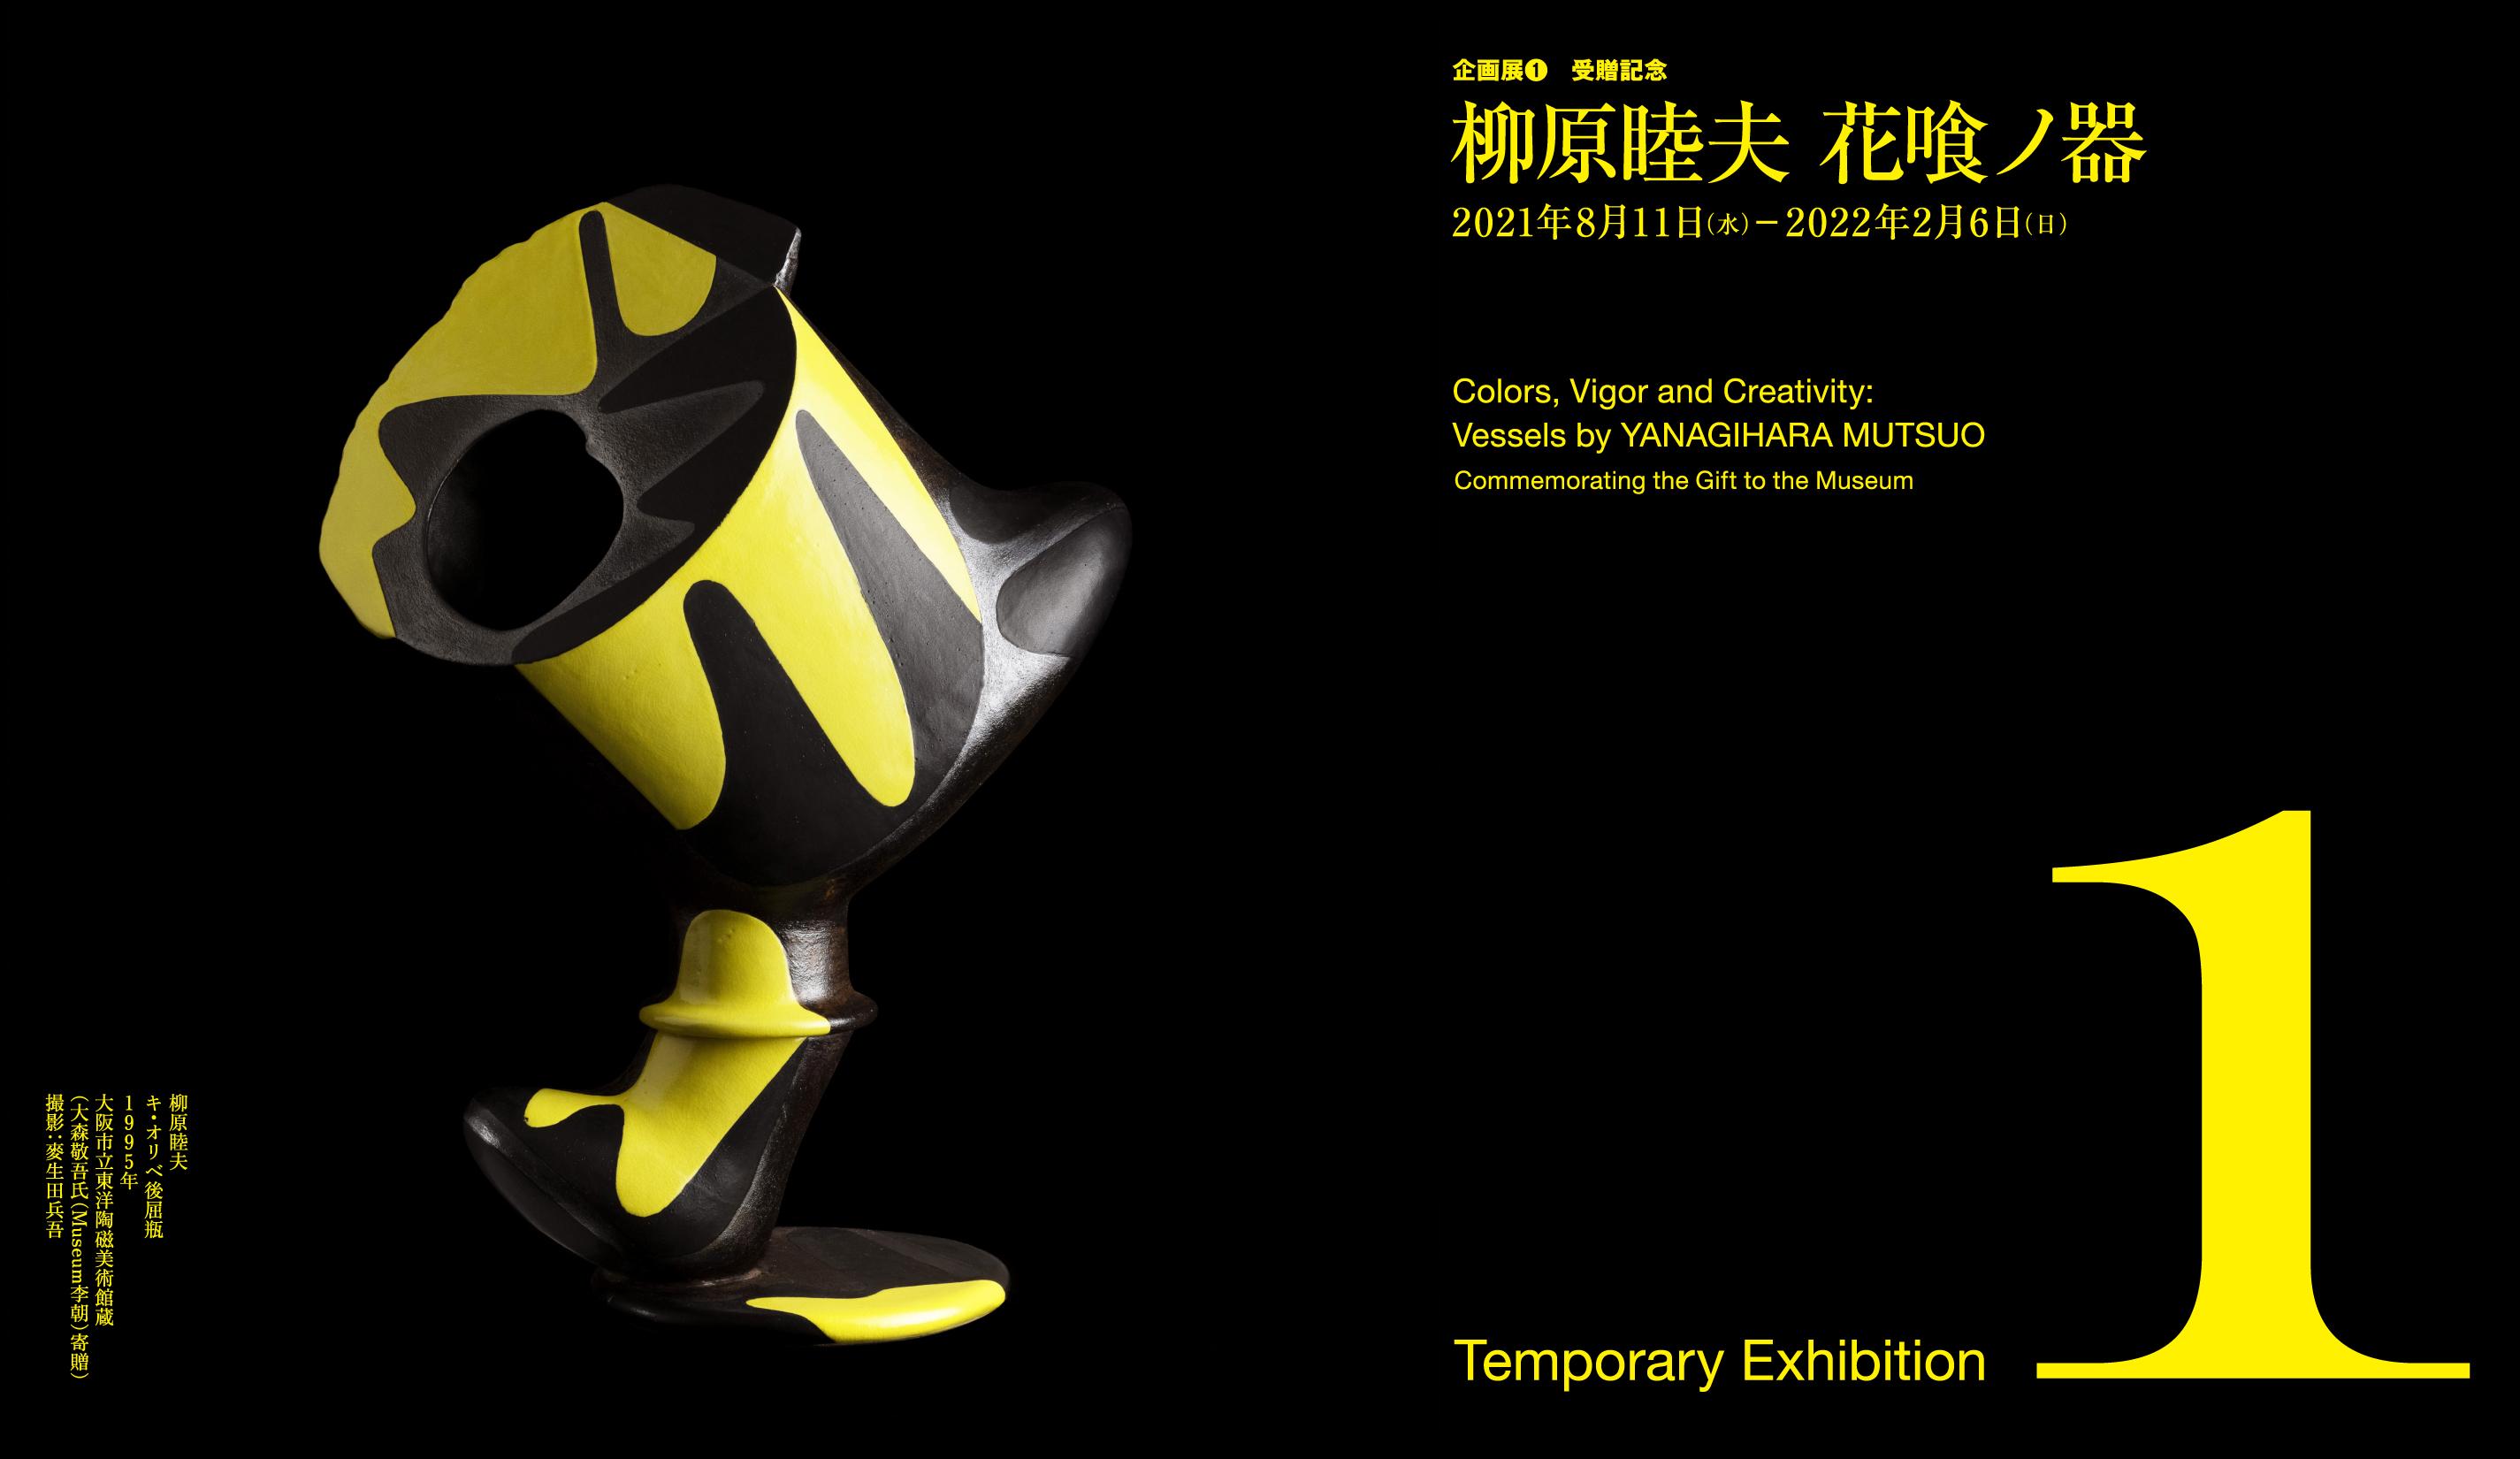 東洋陶磁美術館、柳原睦夫、現代陶芸